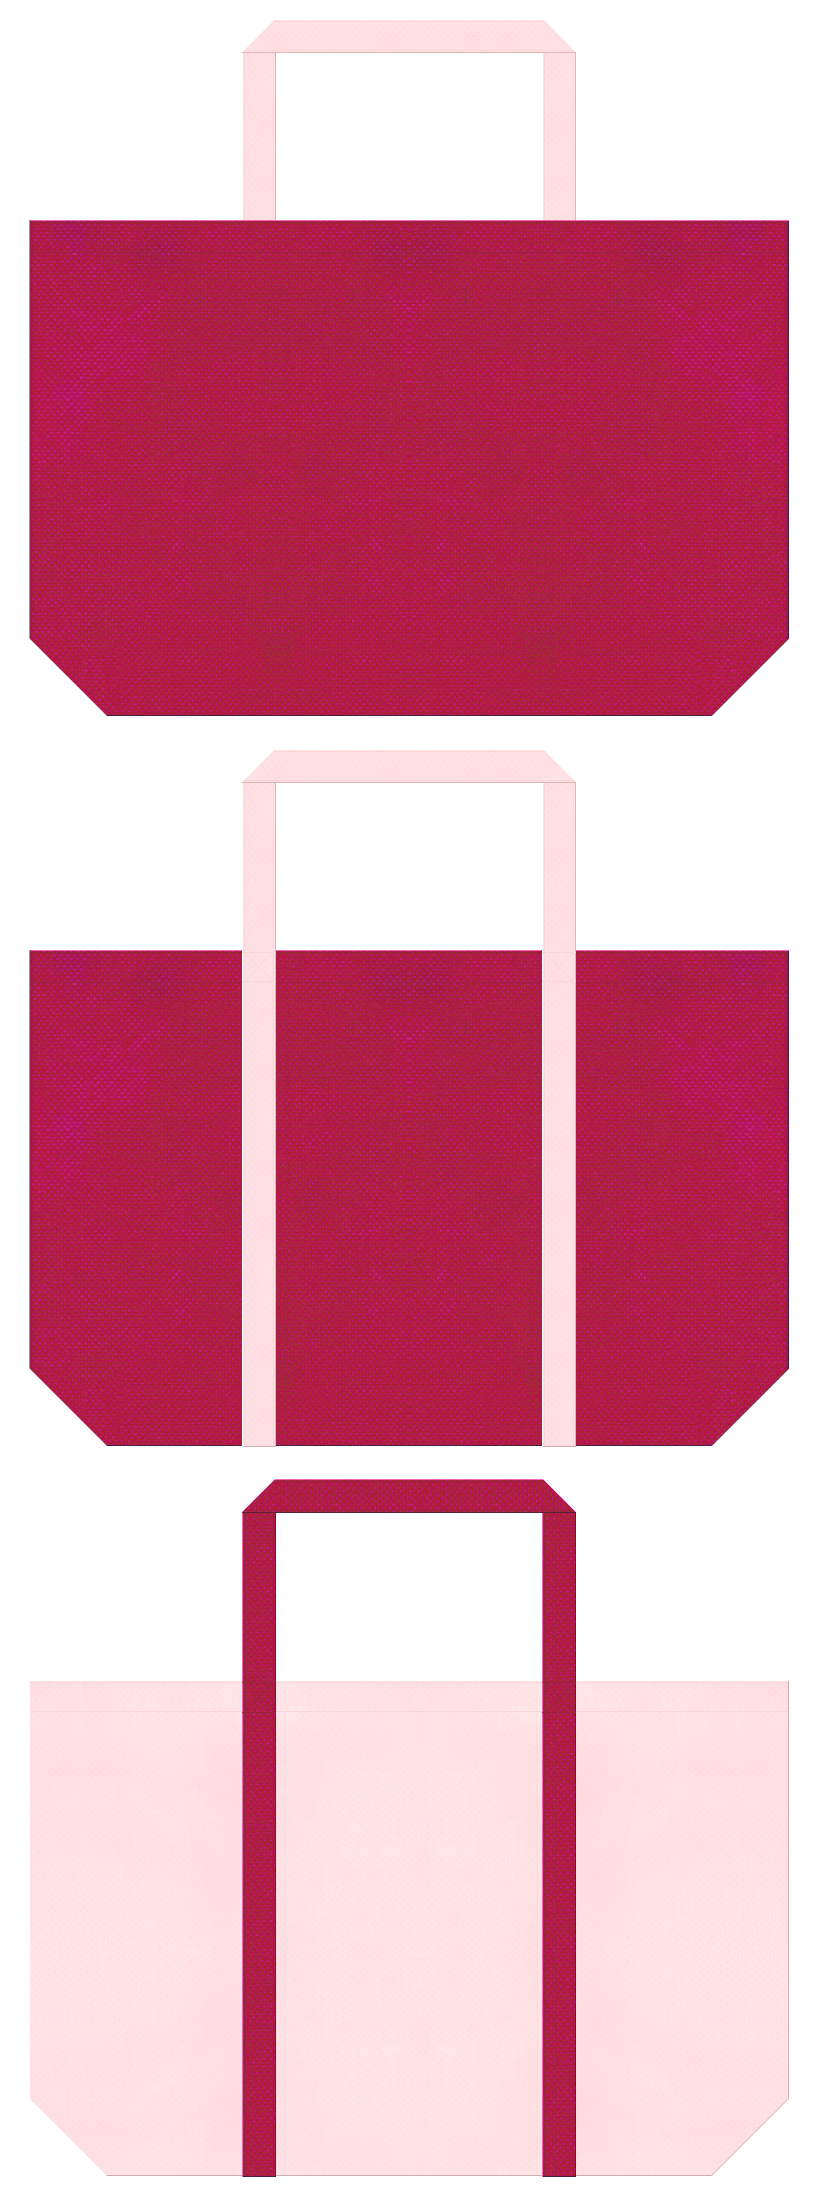 病院・医療施設・看護士研修・アニメ・ゲーム・テーマパーク・マーメイド・桜・イチゴミルク・プリンセス・ハート・キャンディー・ドリーミー・ファンシー・ガーリーデザイン・ひな祭り・母の日・お正月・福袋にお奨めの不織布バッグデザイン:濃いピンク色と桜色のコーデ